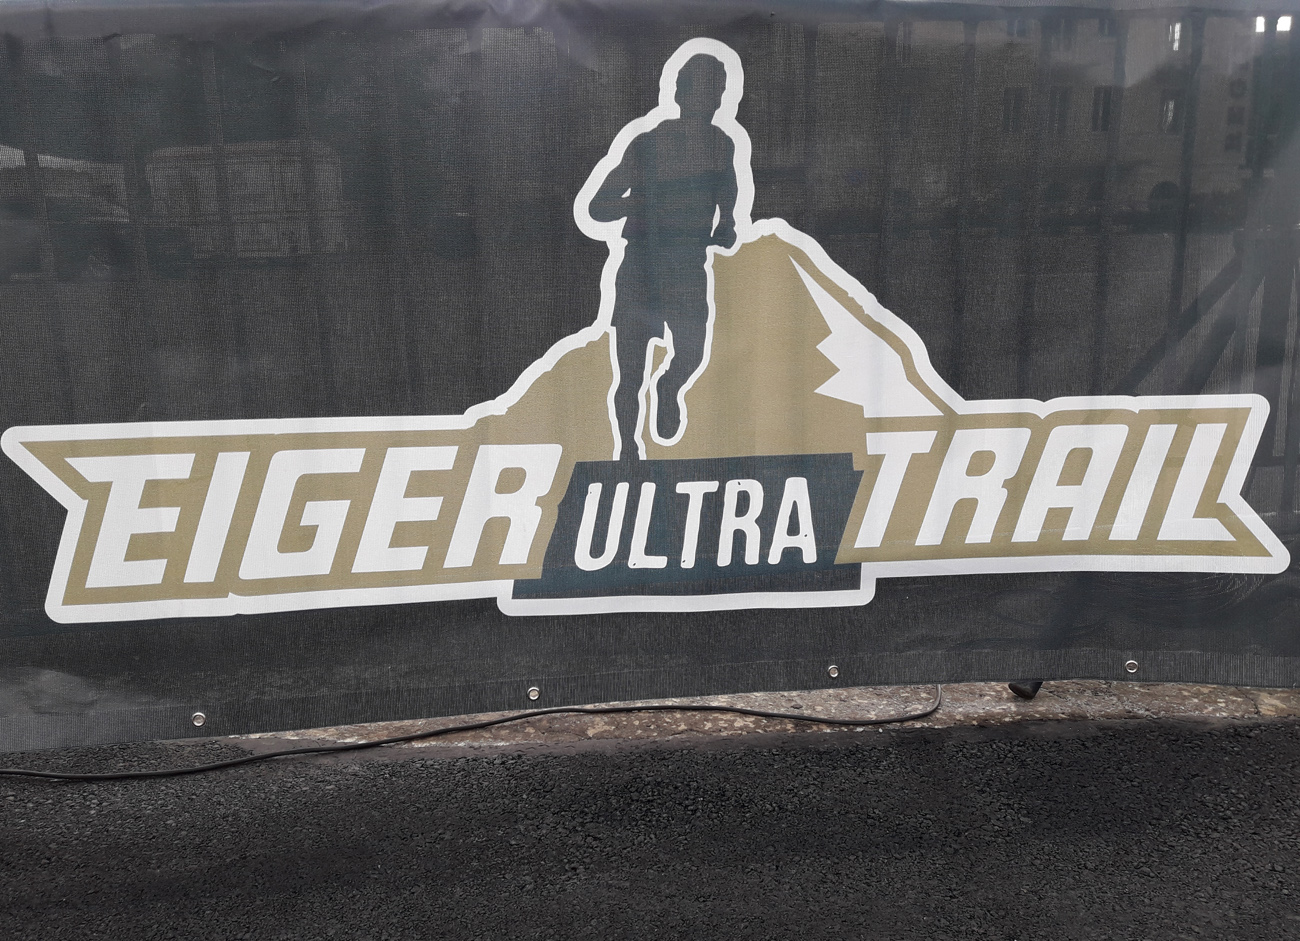 6-eiger-ultra-trail-2018